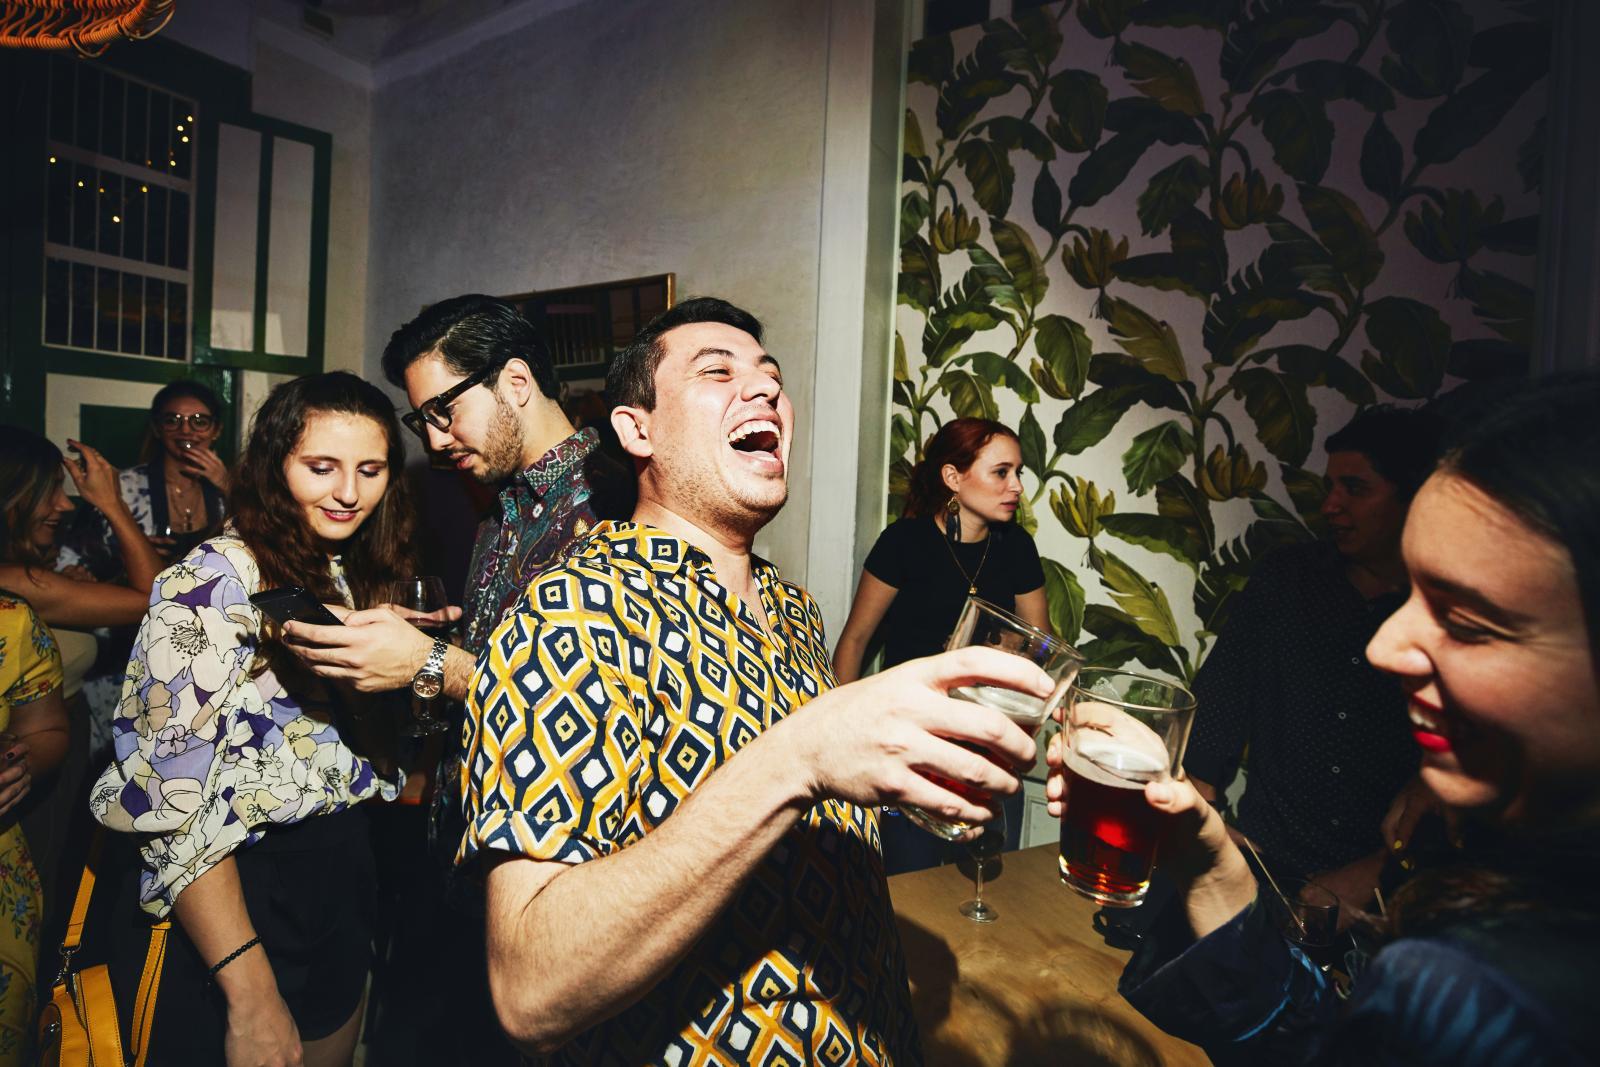 Rire des amis grillage pendant la fête en boîte de nuit